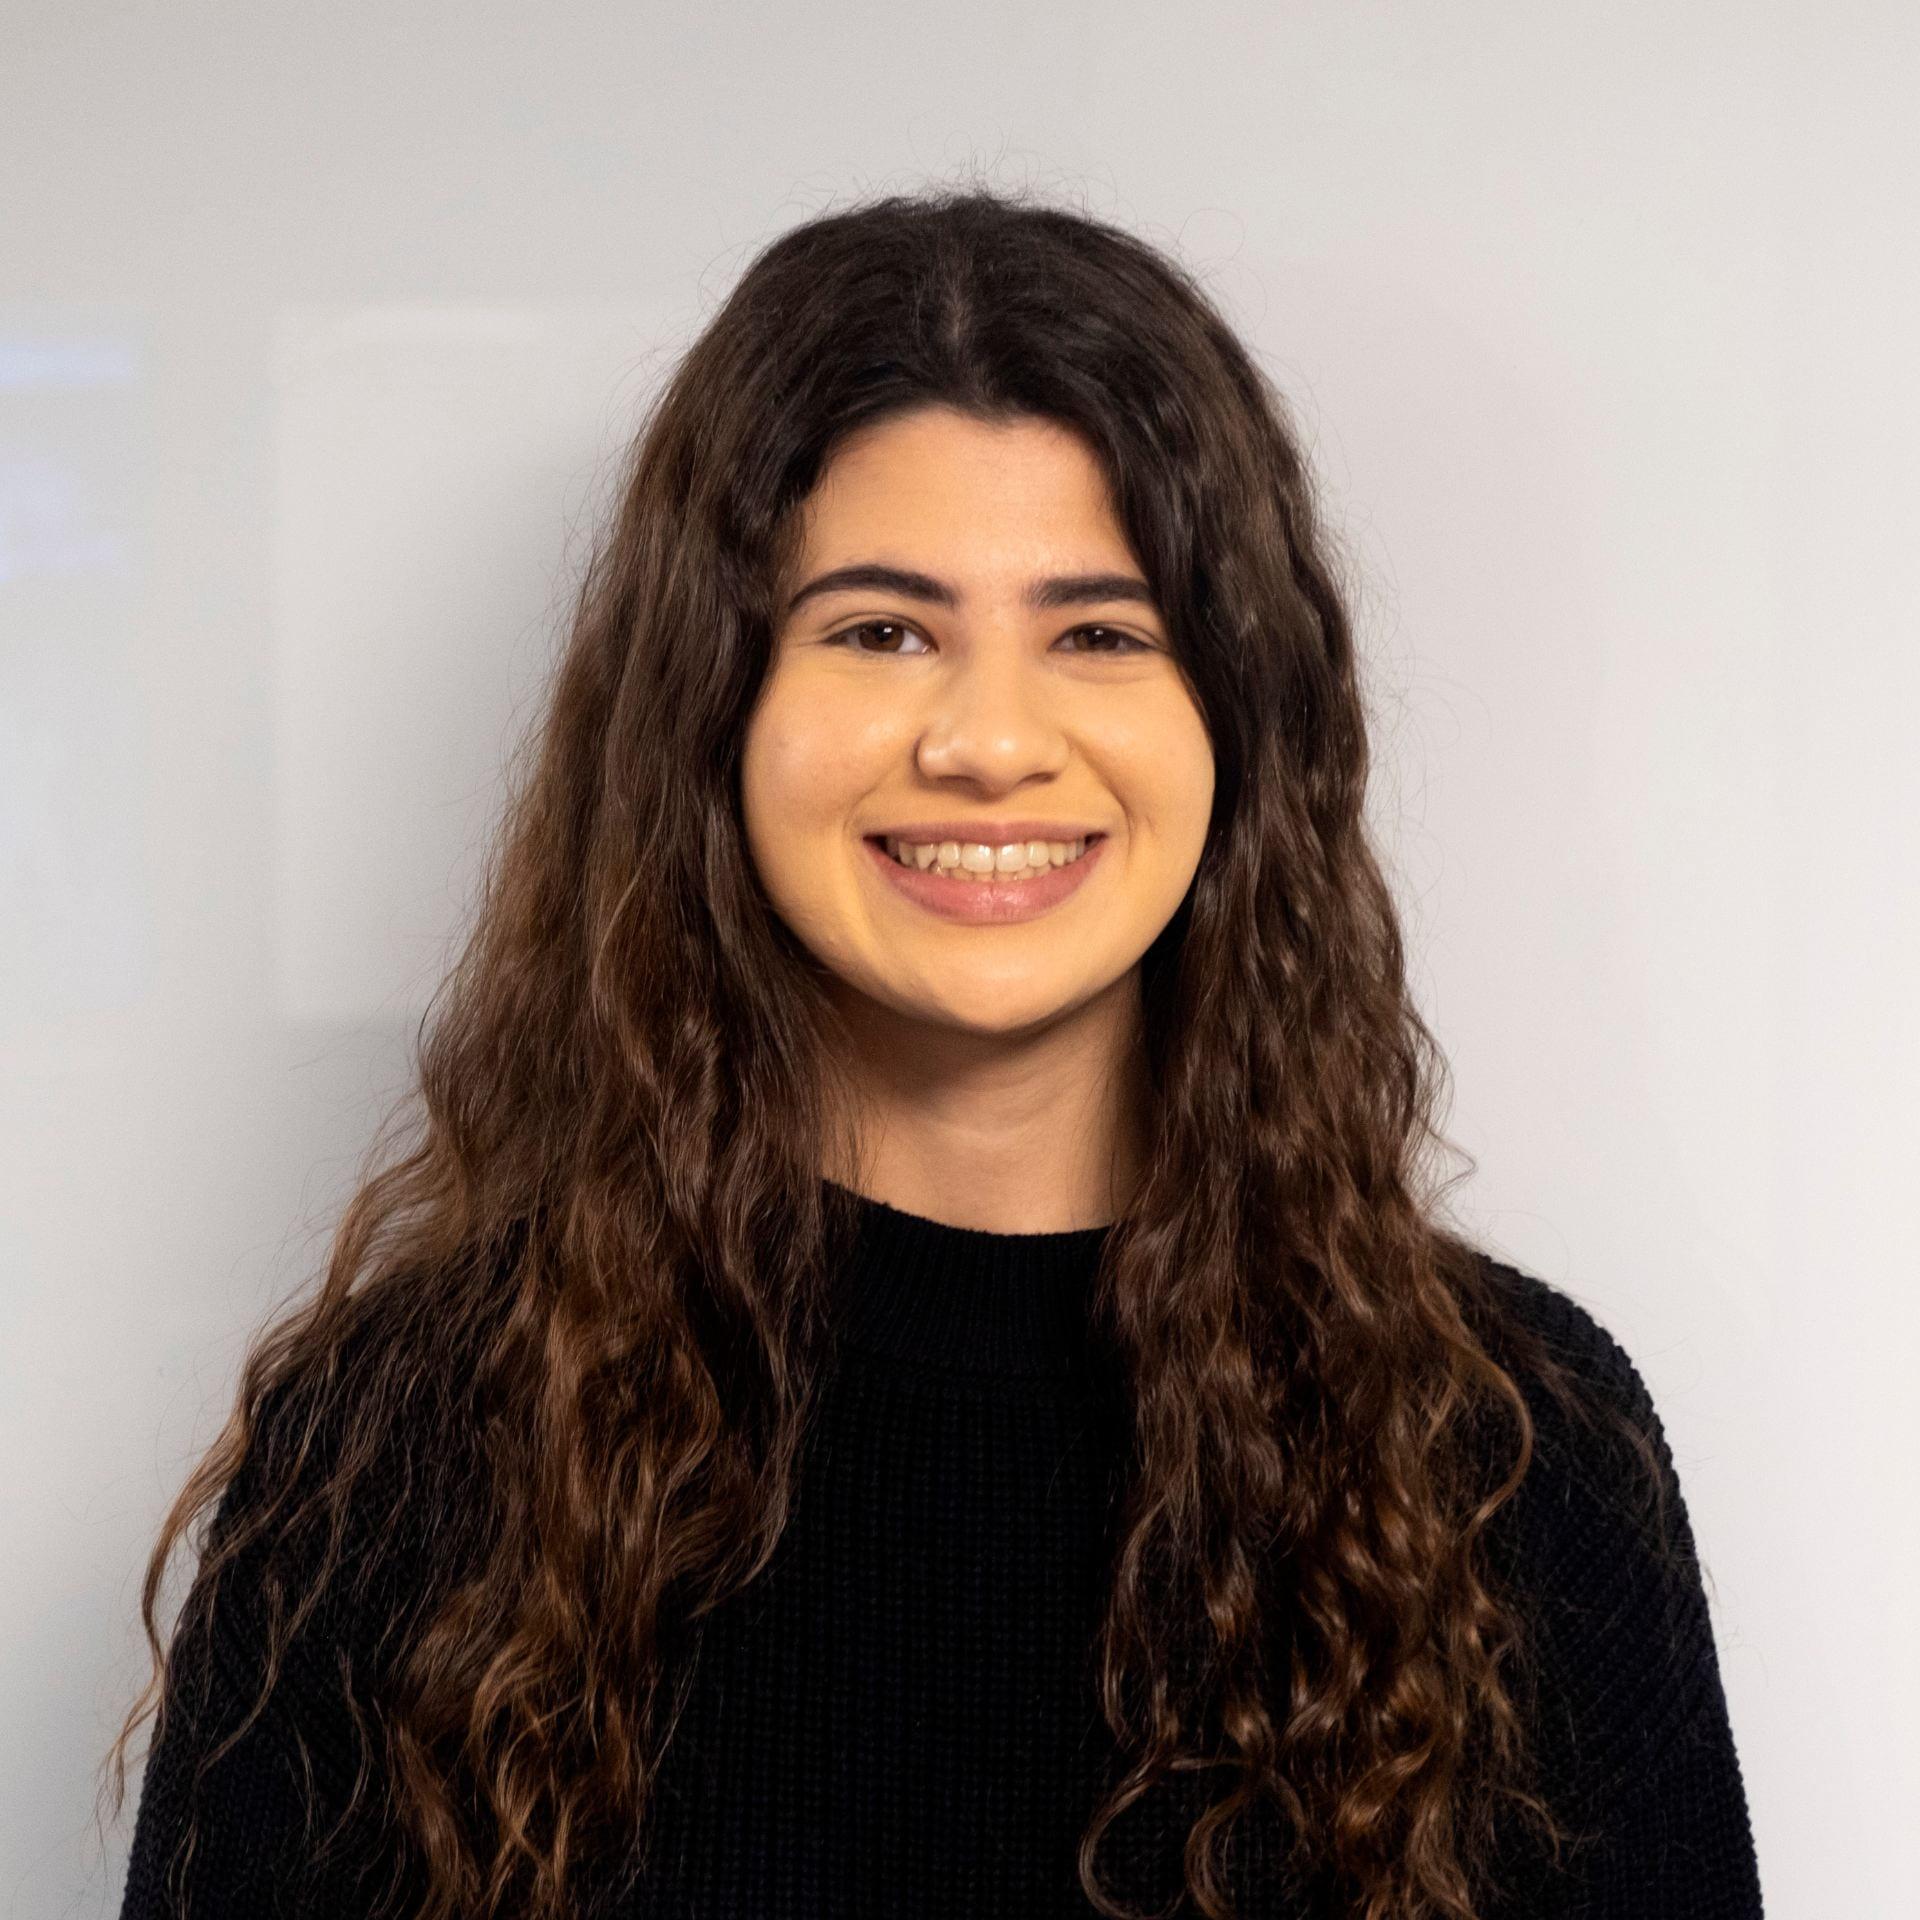 Sabrina Ayyoub